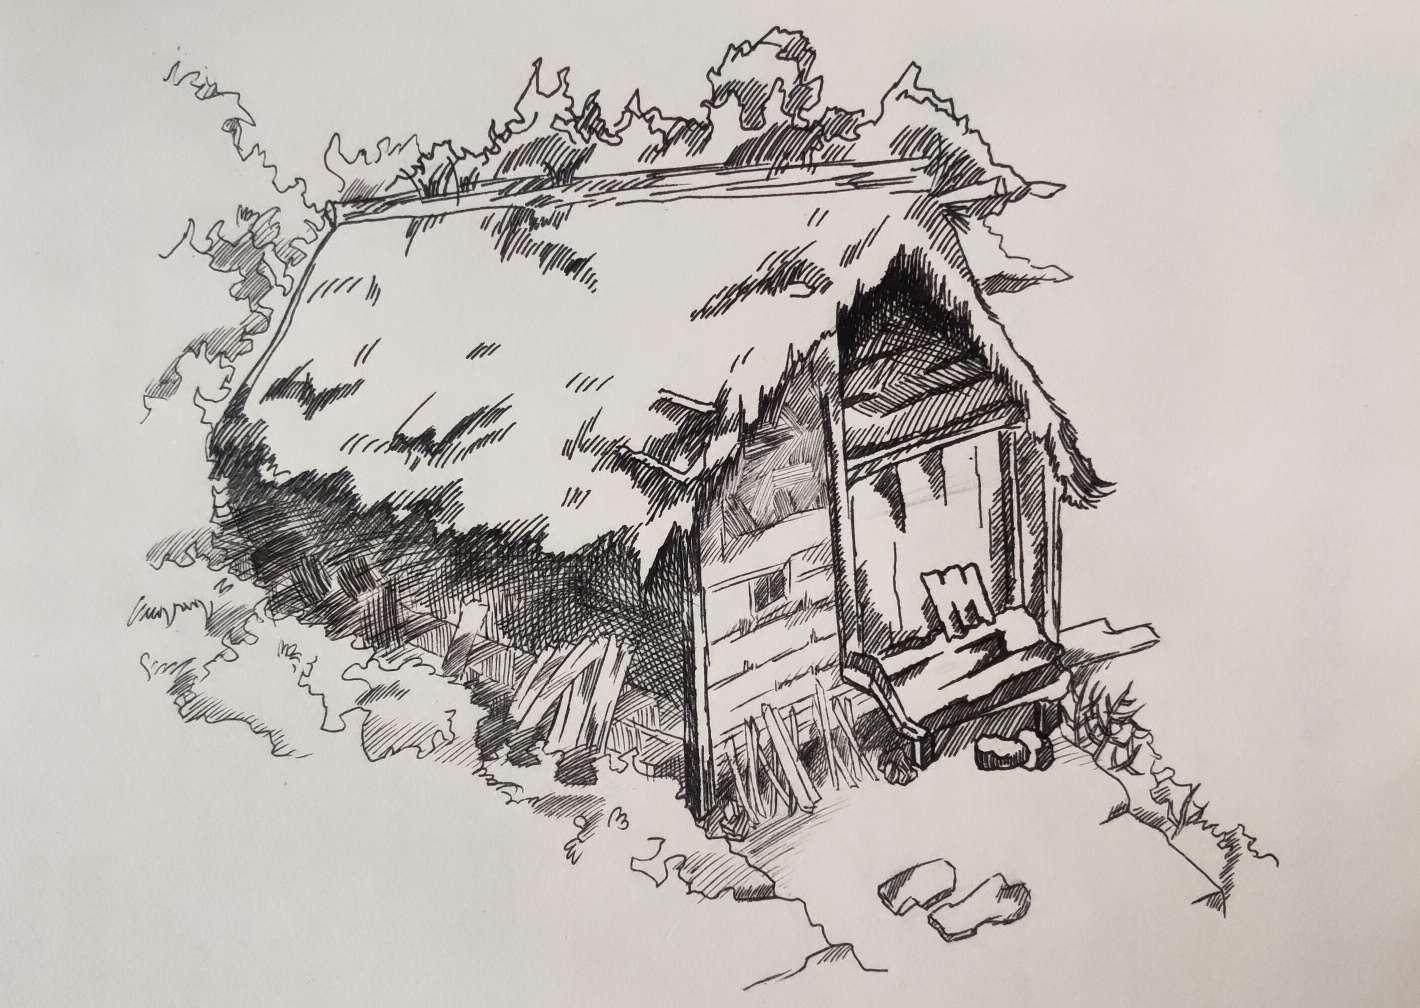 【手绘】 风景图,手机壁纸恋爱漫画图片大全-小柚妹站